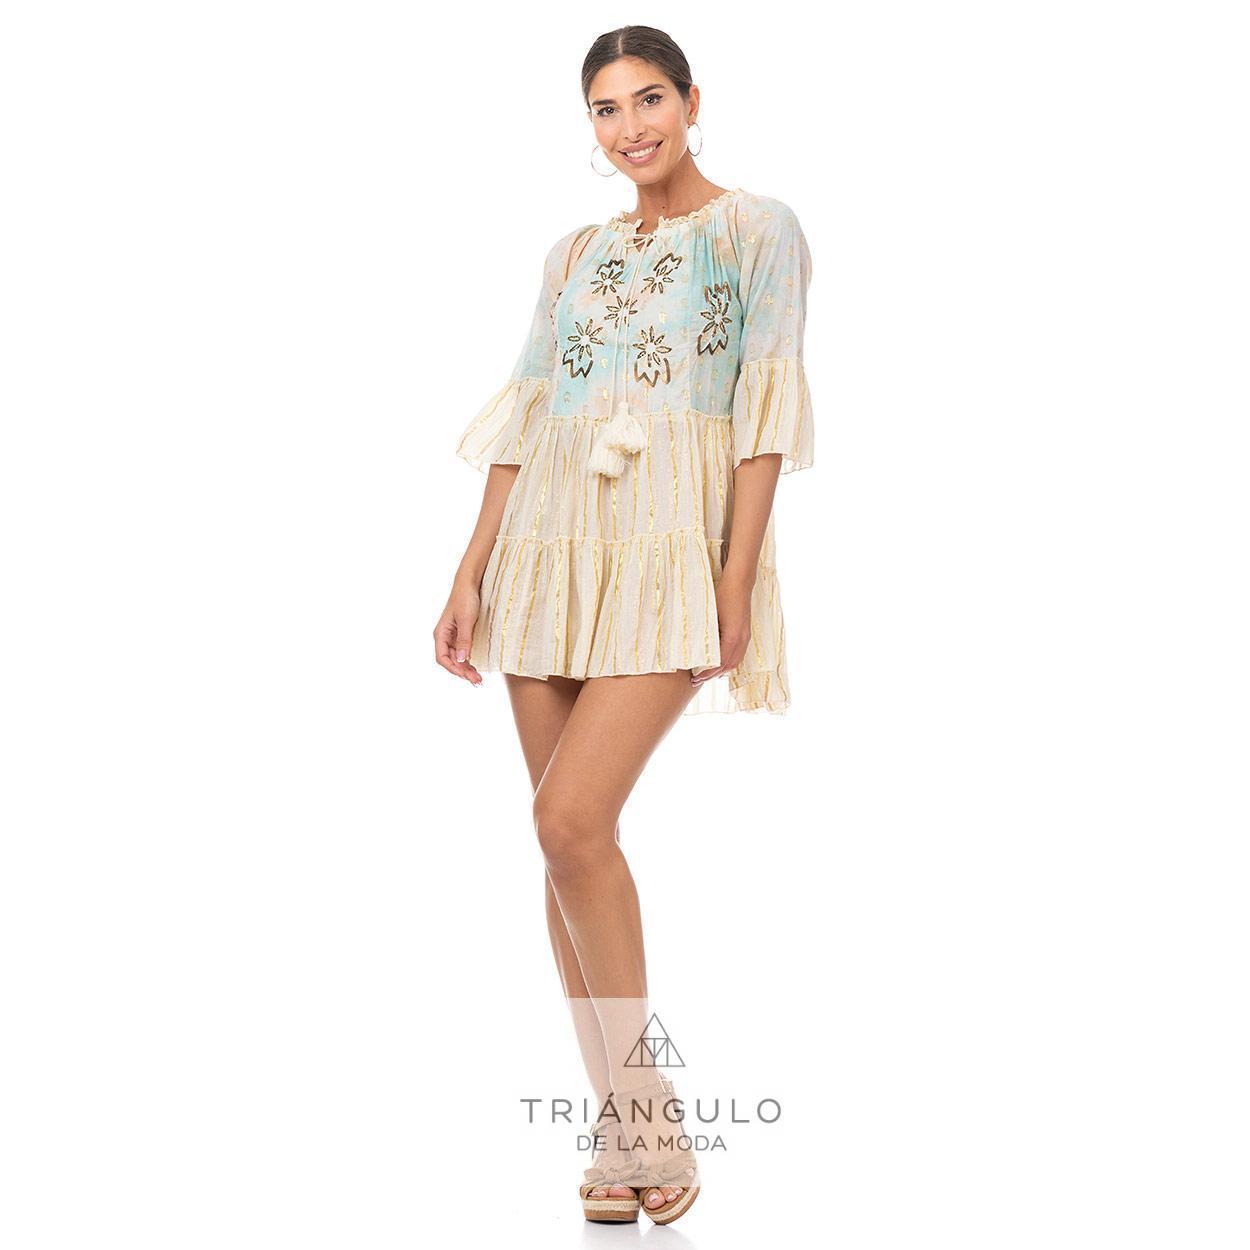 Tienda online del Triangulo de la Moda CASACA BOHO CHIC BRILLO DORADO BORDADO CON LENTEJUELAS